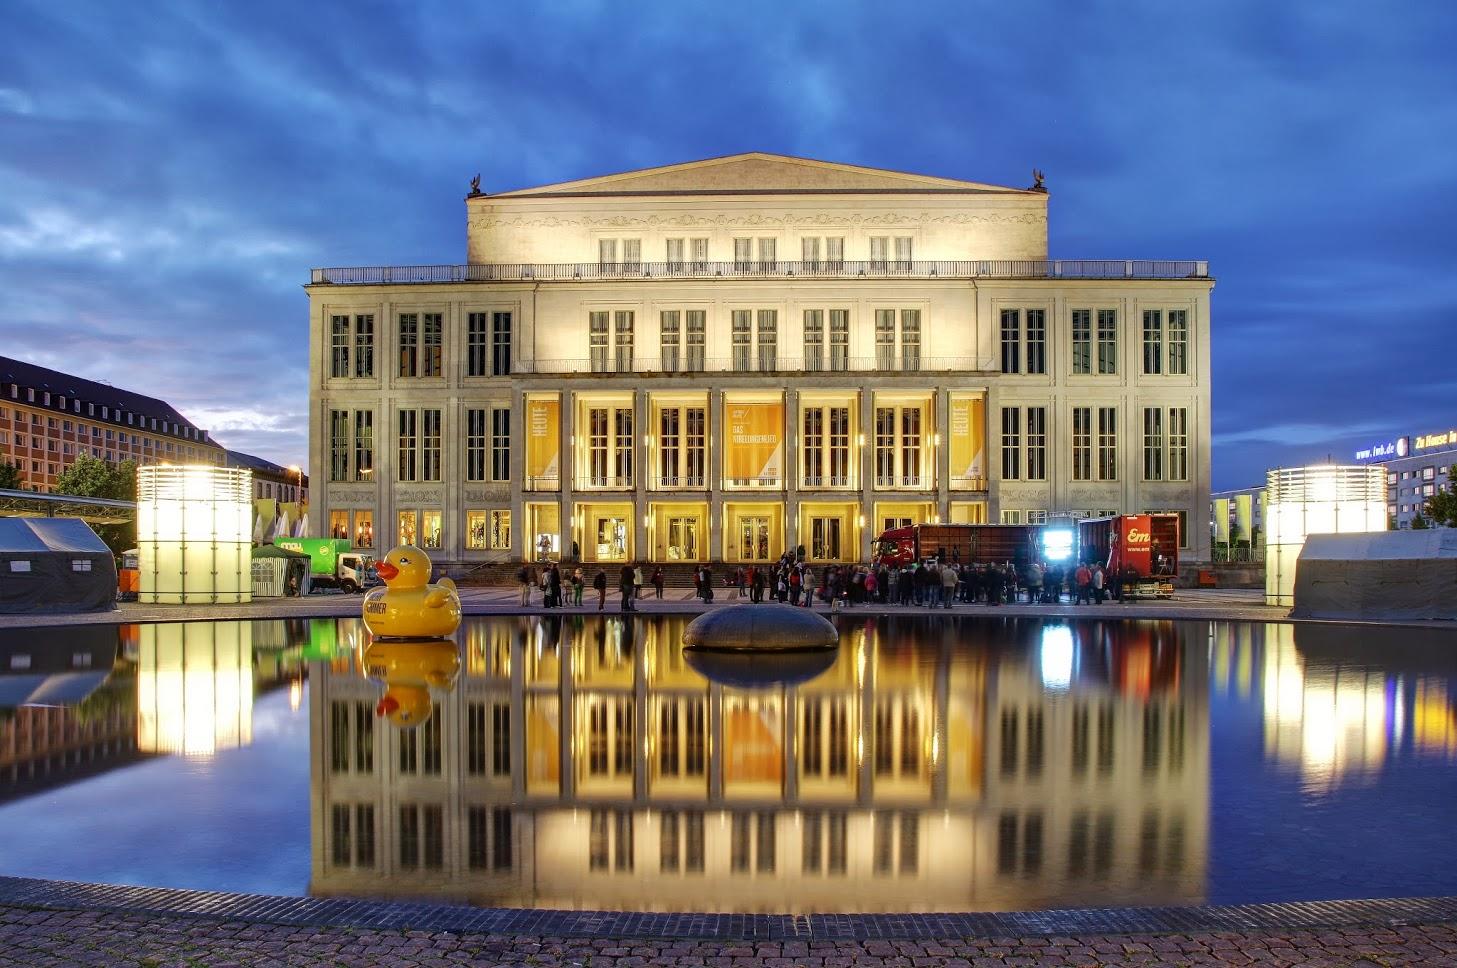 Opernhaus auf dem Augustusplatz in Leipzig